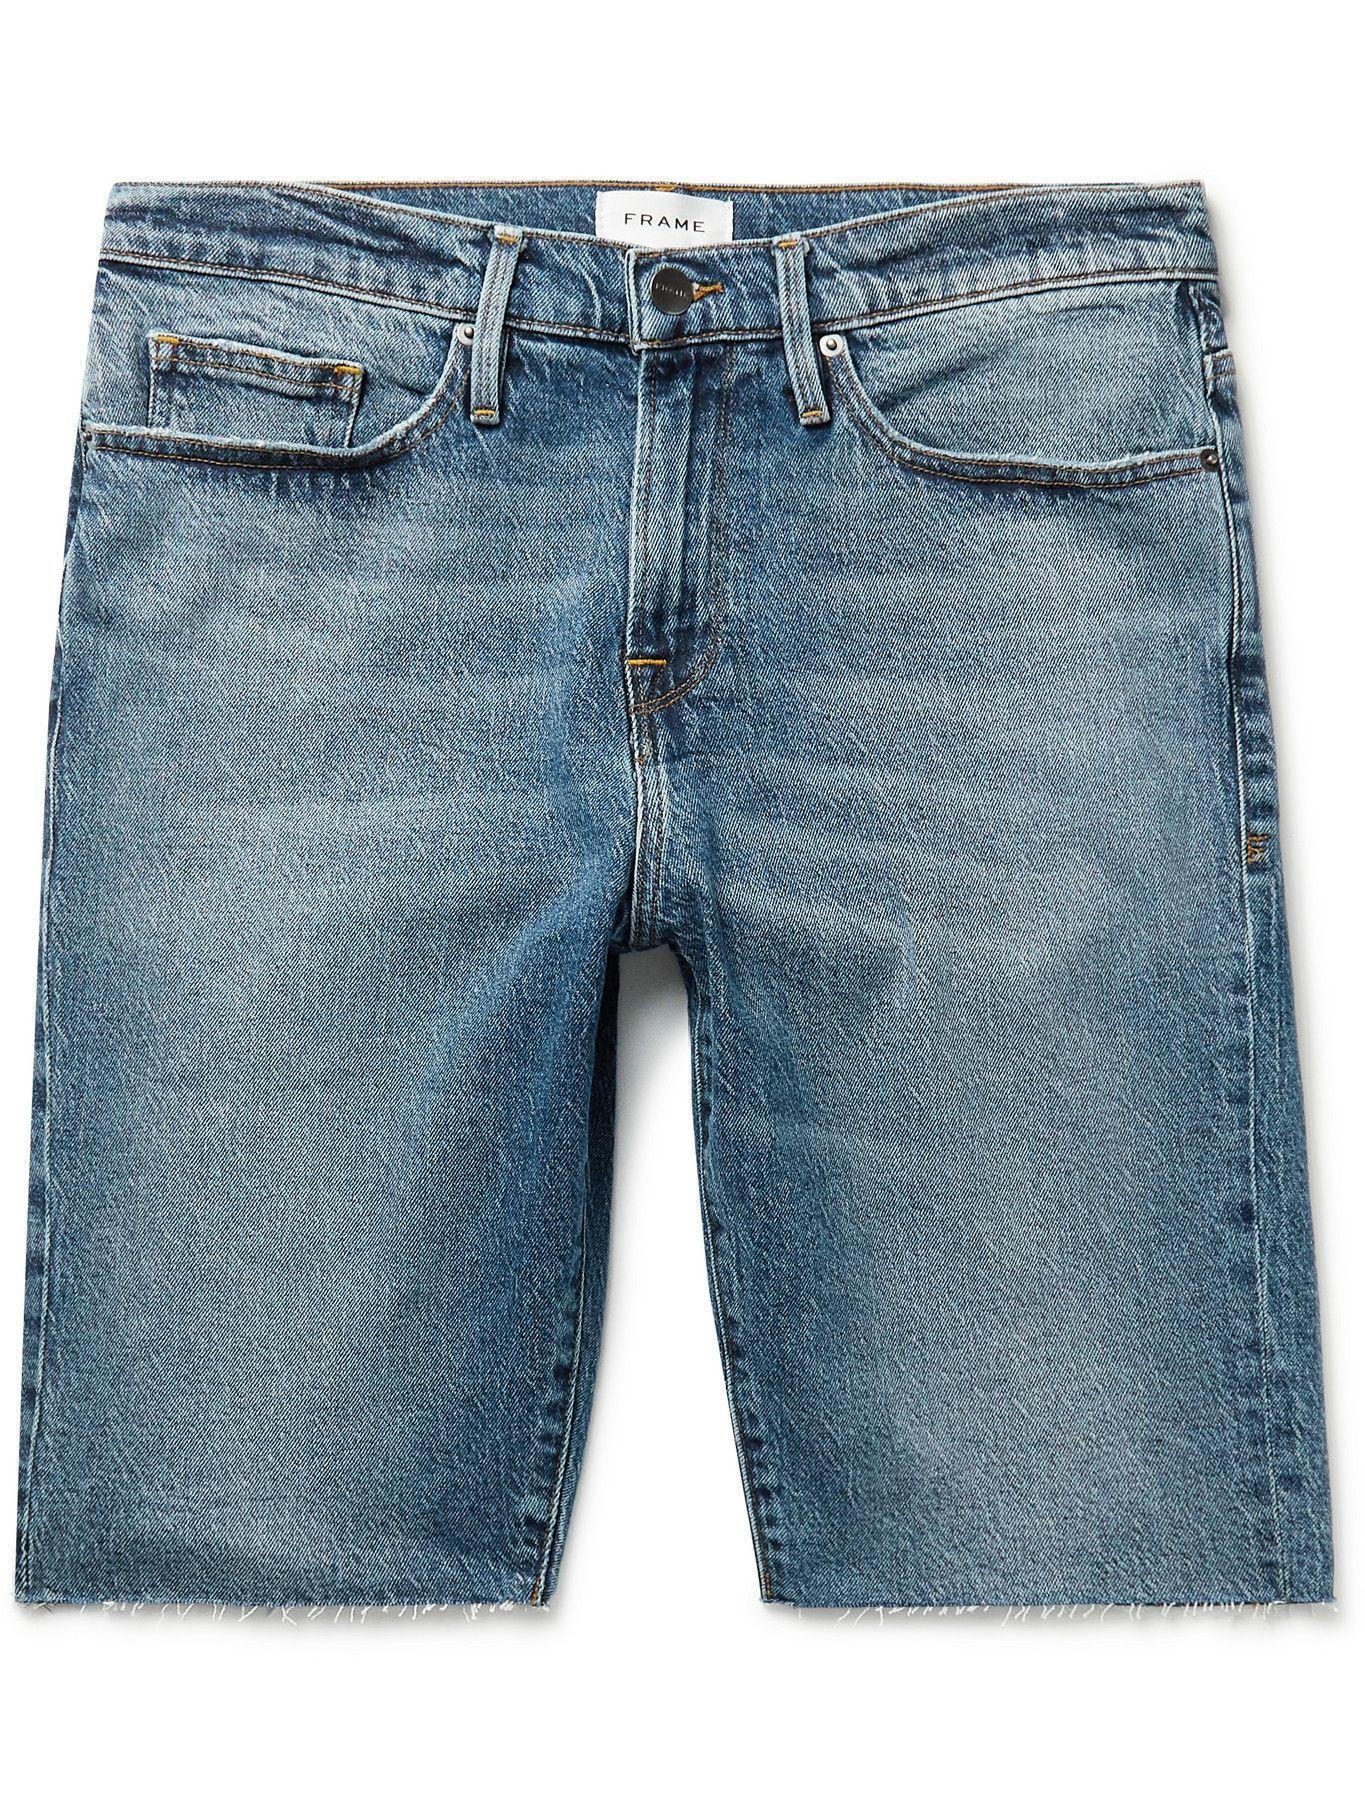 Photo: FRAME - Frayed Stretch-Denim Shorts - Blue